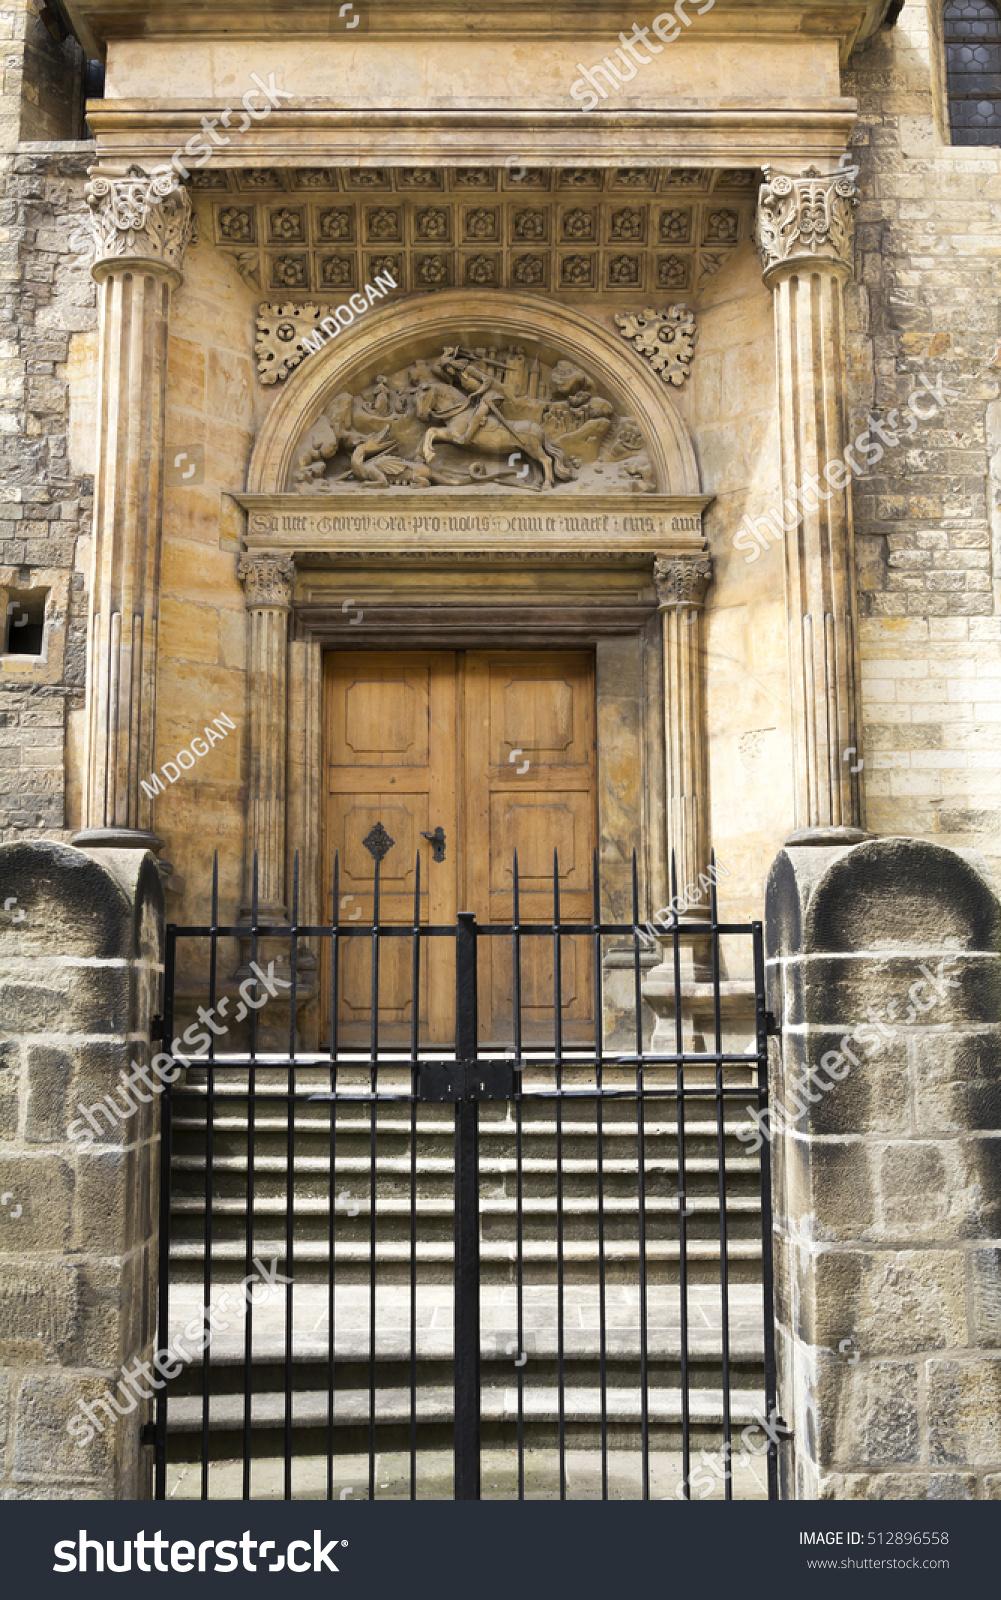 Old Wooden Door Prague Castle Stock Photo 512896558 - Shutterstock